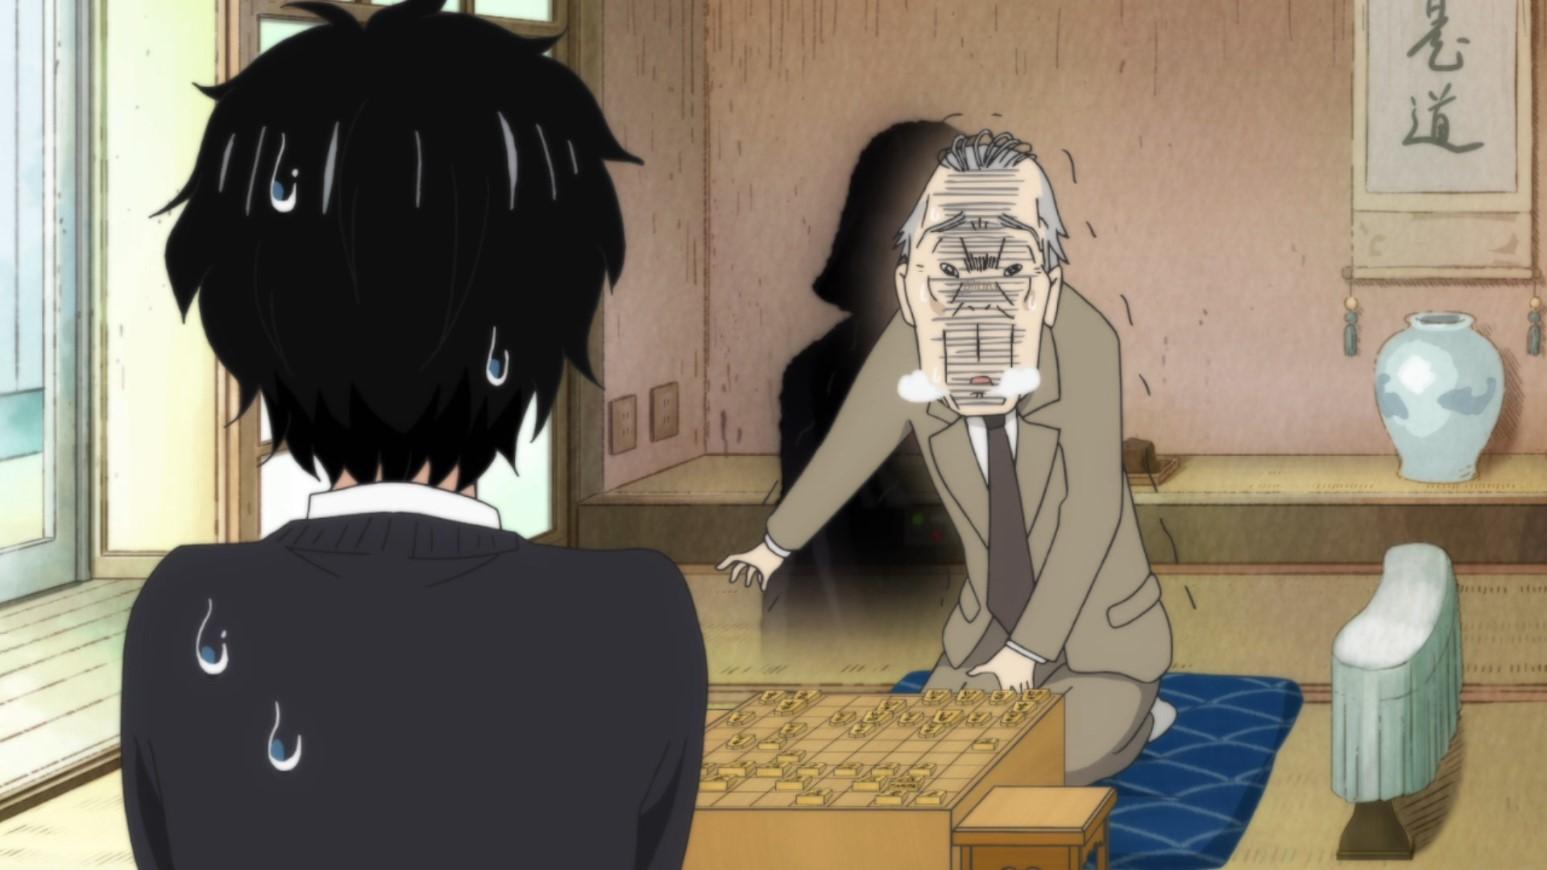 [2.0] Caméos et clins d'oeil dans les anime et mangas!  - Page 9 665010HorribleSubs3gatsunoLion091080pmkvsnapshot073220161211221318